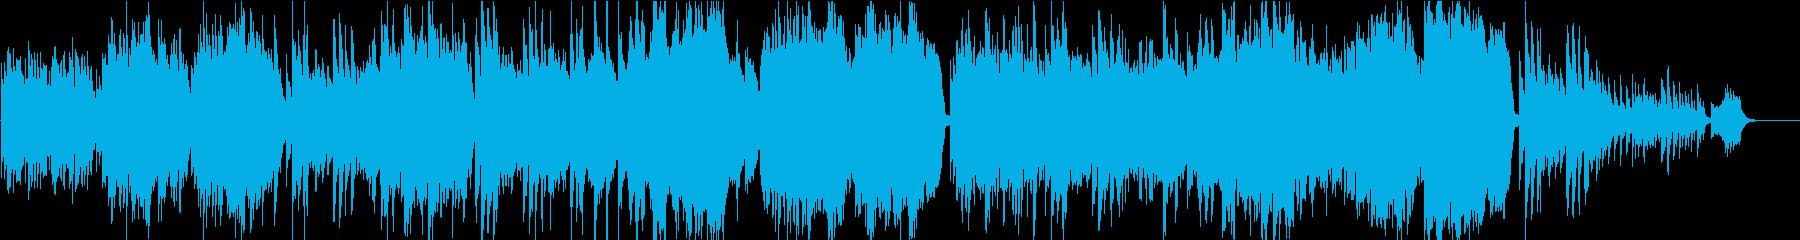 感動映像のためのピアノとストリングスの再生済みの波形